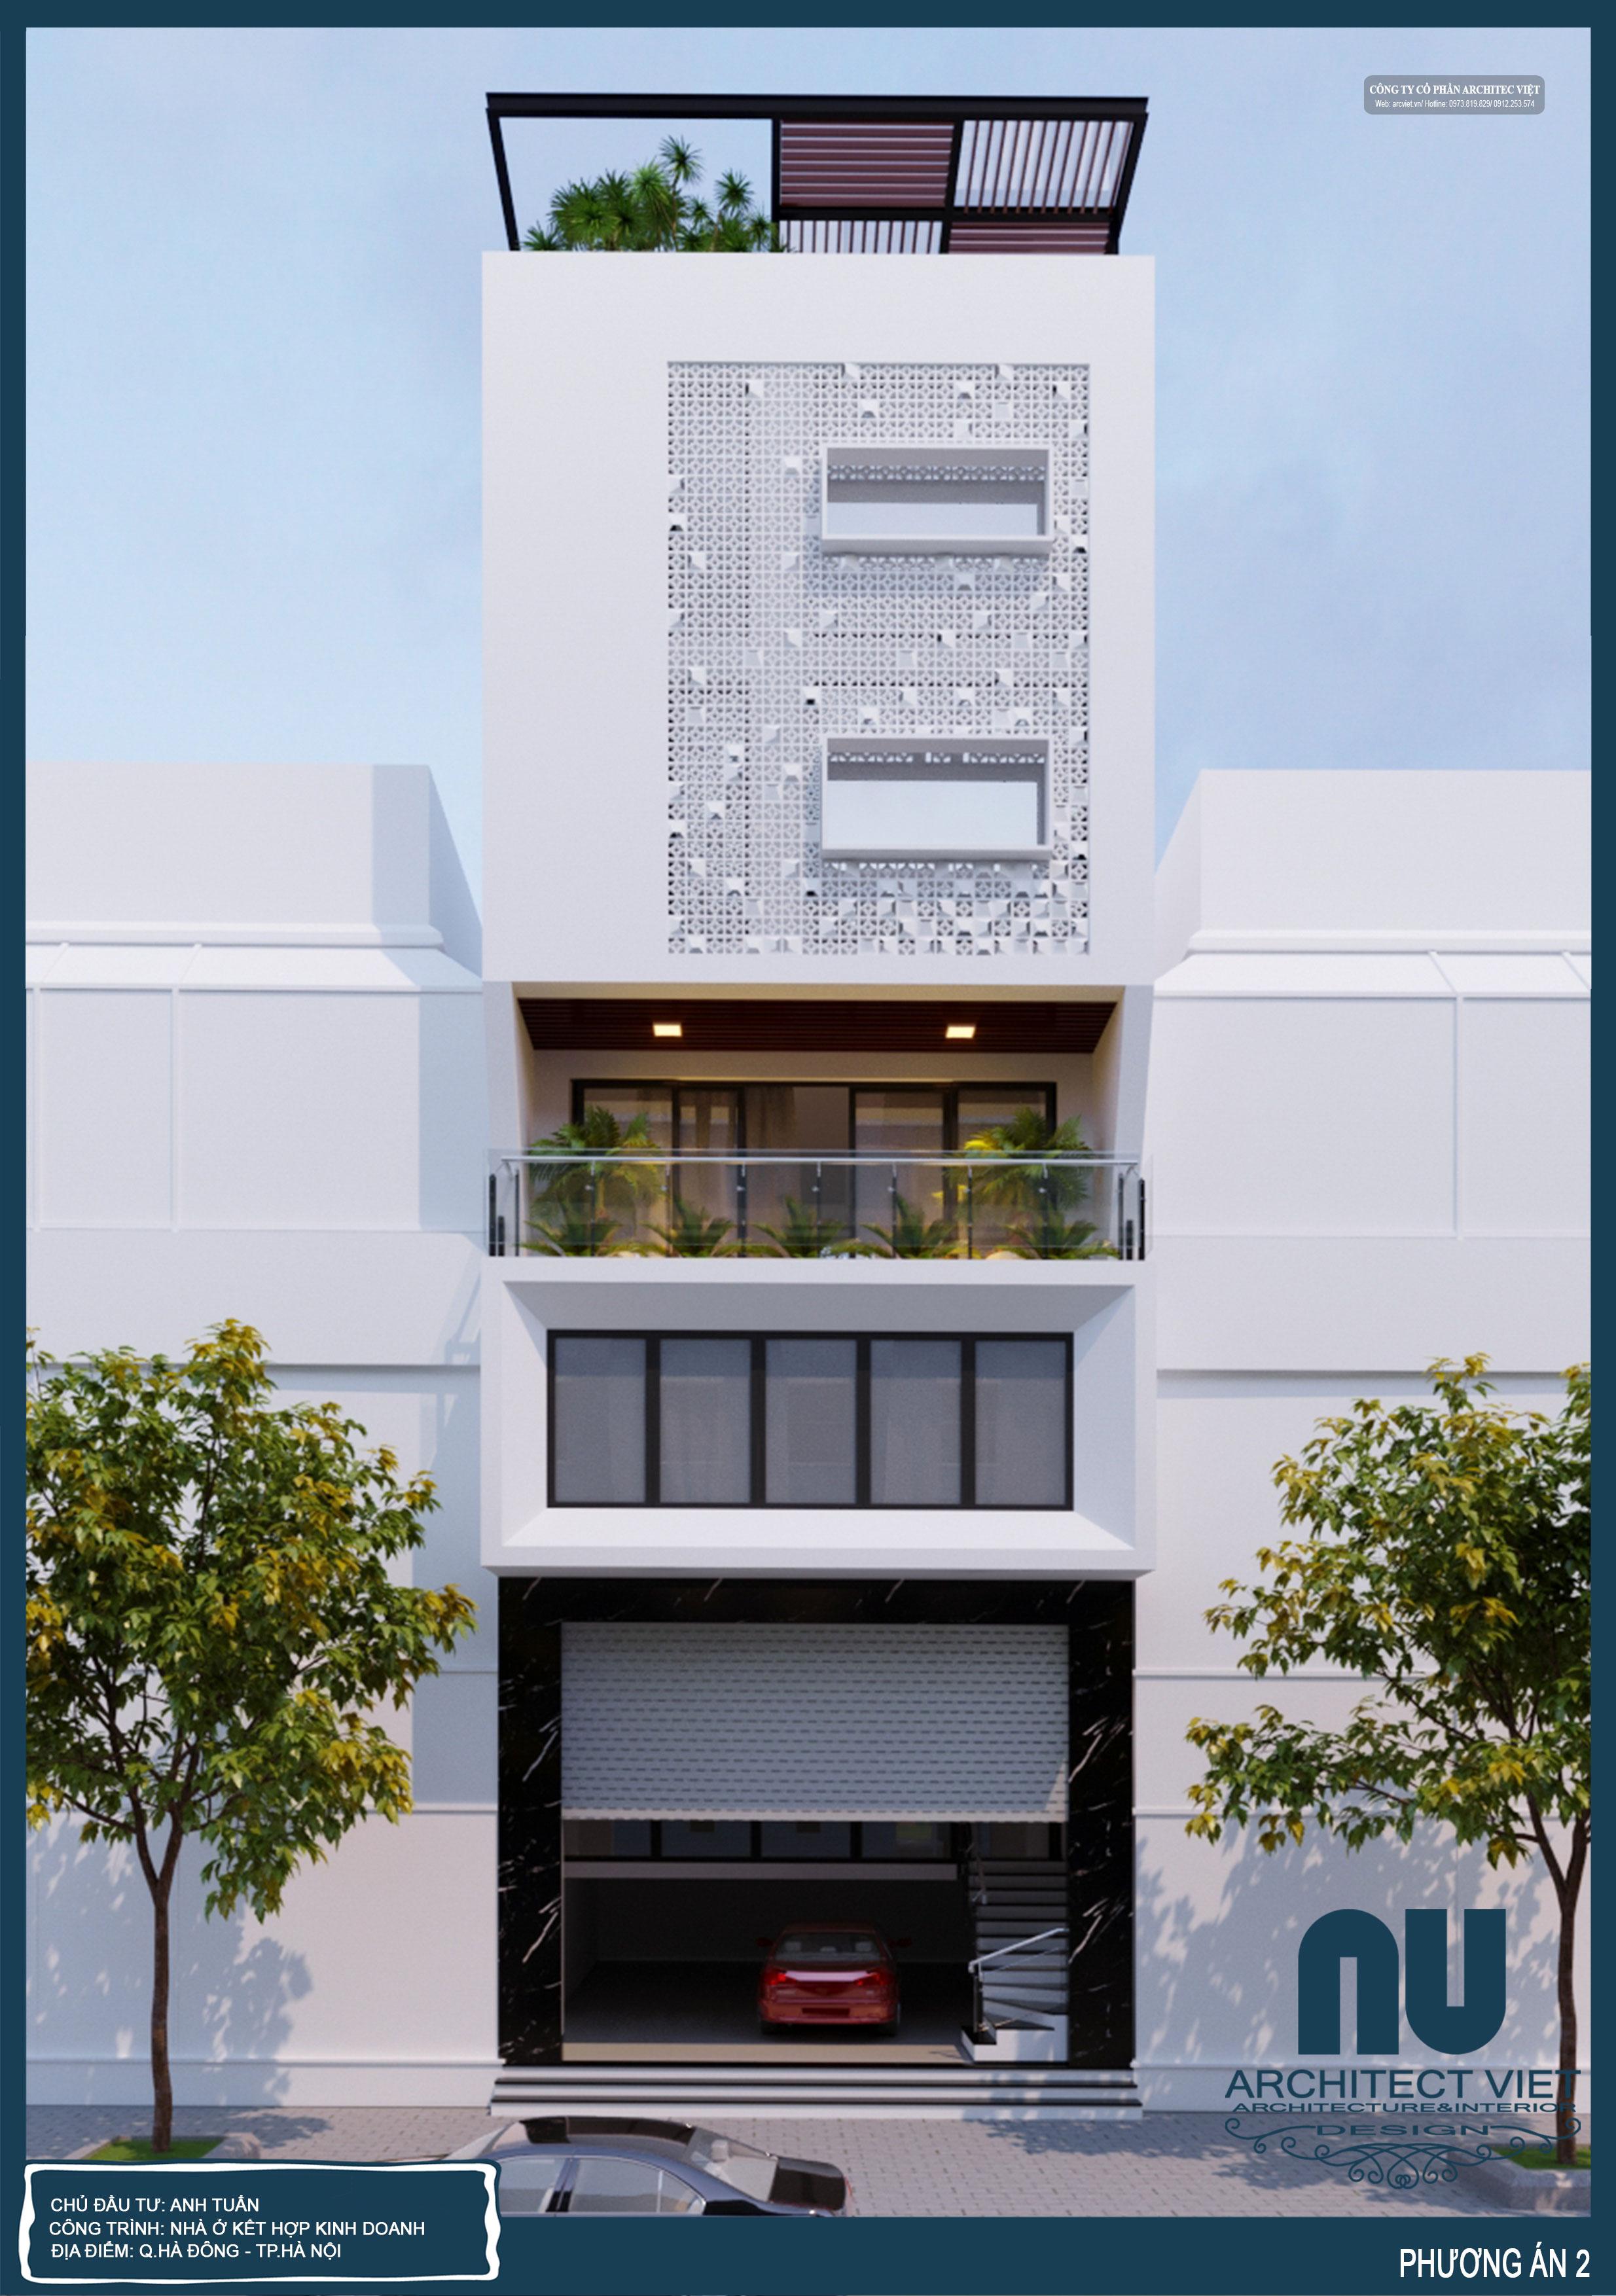 Nhà ở 6 tầng kết hợp kinh doanh